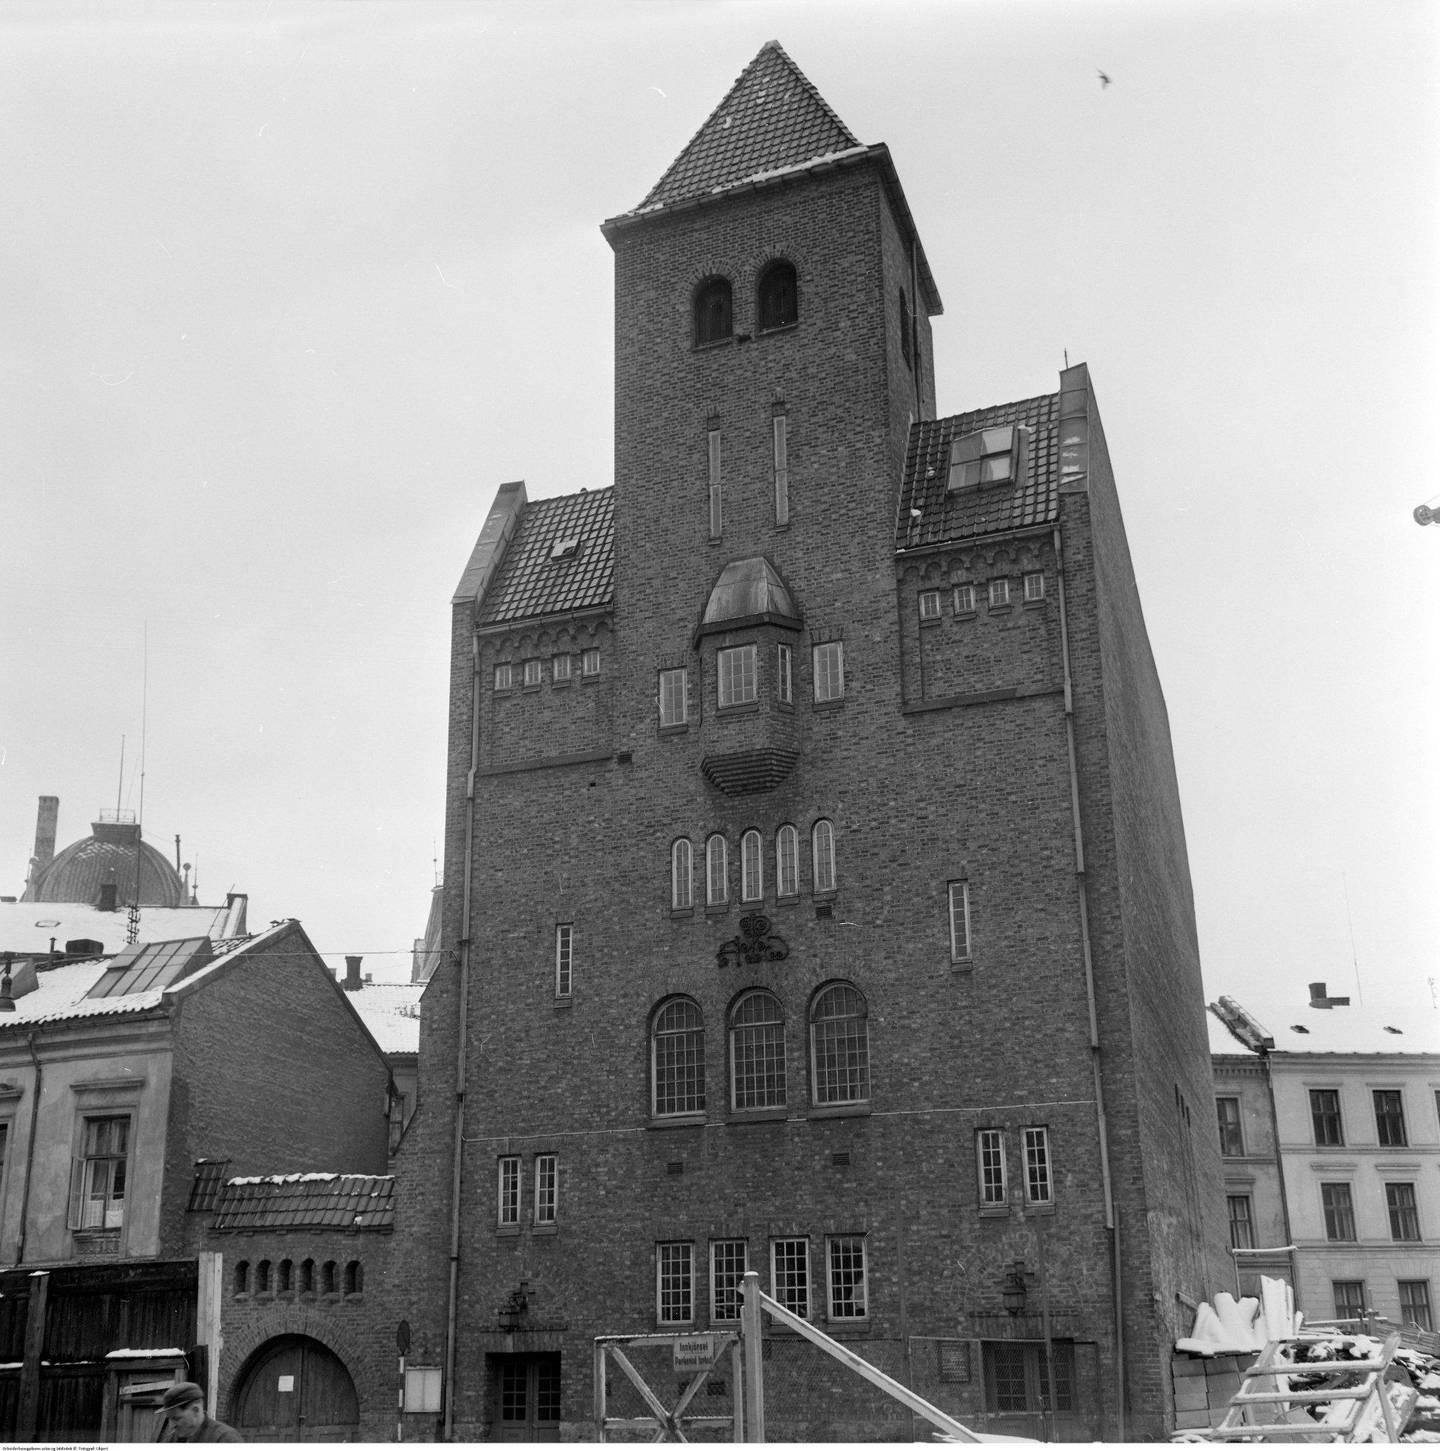 Pipervikens Småkirke i Munkedamsveien 12 ble bygd i 1911 etter en arkitektkonkurranse vunnet av Harald Aars. Bygningen hadde også boliger for presten, kirketjeneren og menighetssøstera samt studenthybler i tårnet. Byggverket fikk diplom av A. C. Houens fond for god arkitektur i 1923 og ble revet i 1959, samme år som bildet ble tatt. Foto: Ukjent person/Arbeiderbevegelsens arkiv og bibliotek